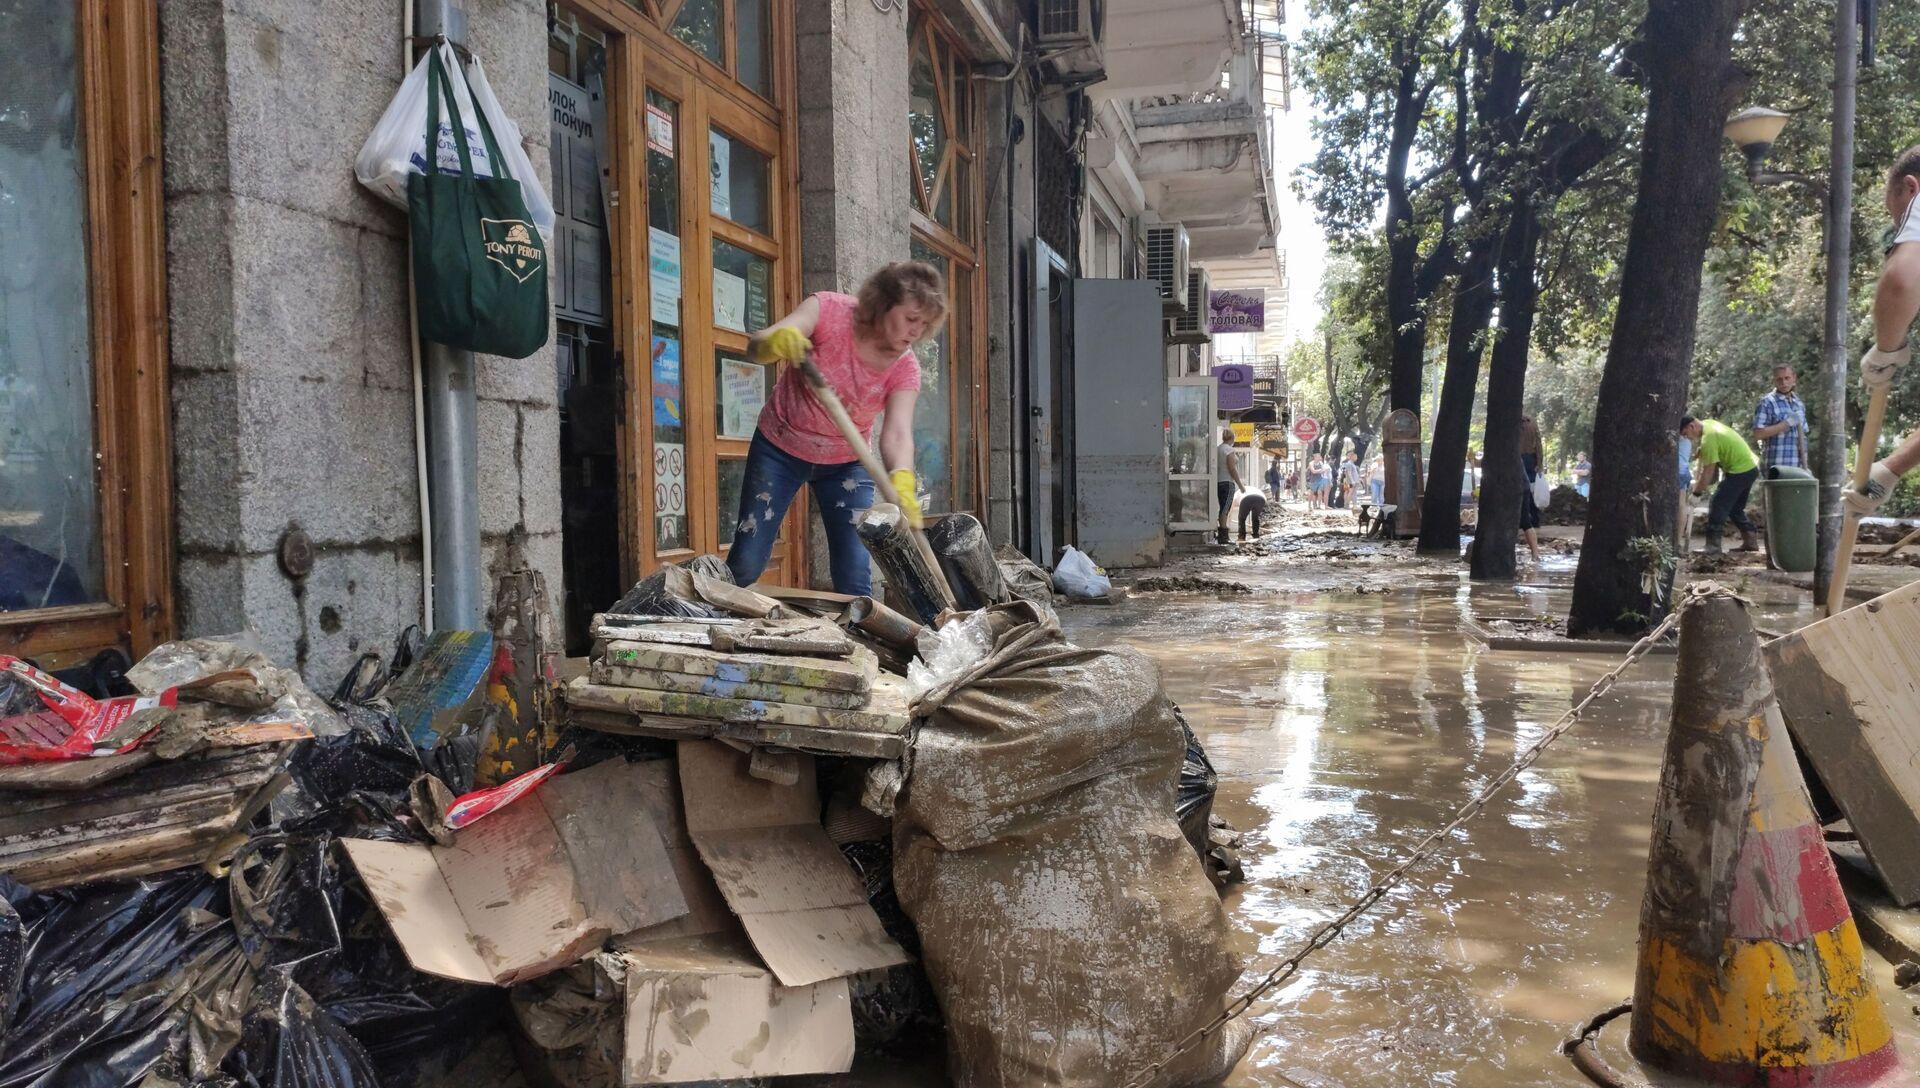 Жители Ялты приступили к уборке улиц - РИА Новости, 1920, 19.06.2021